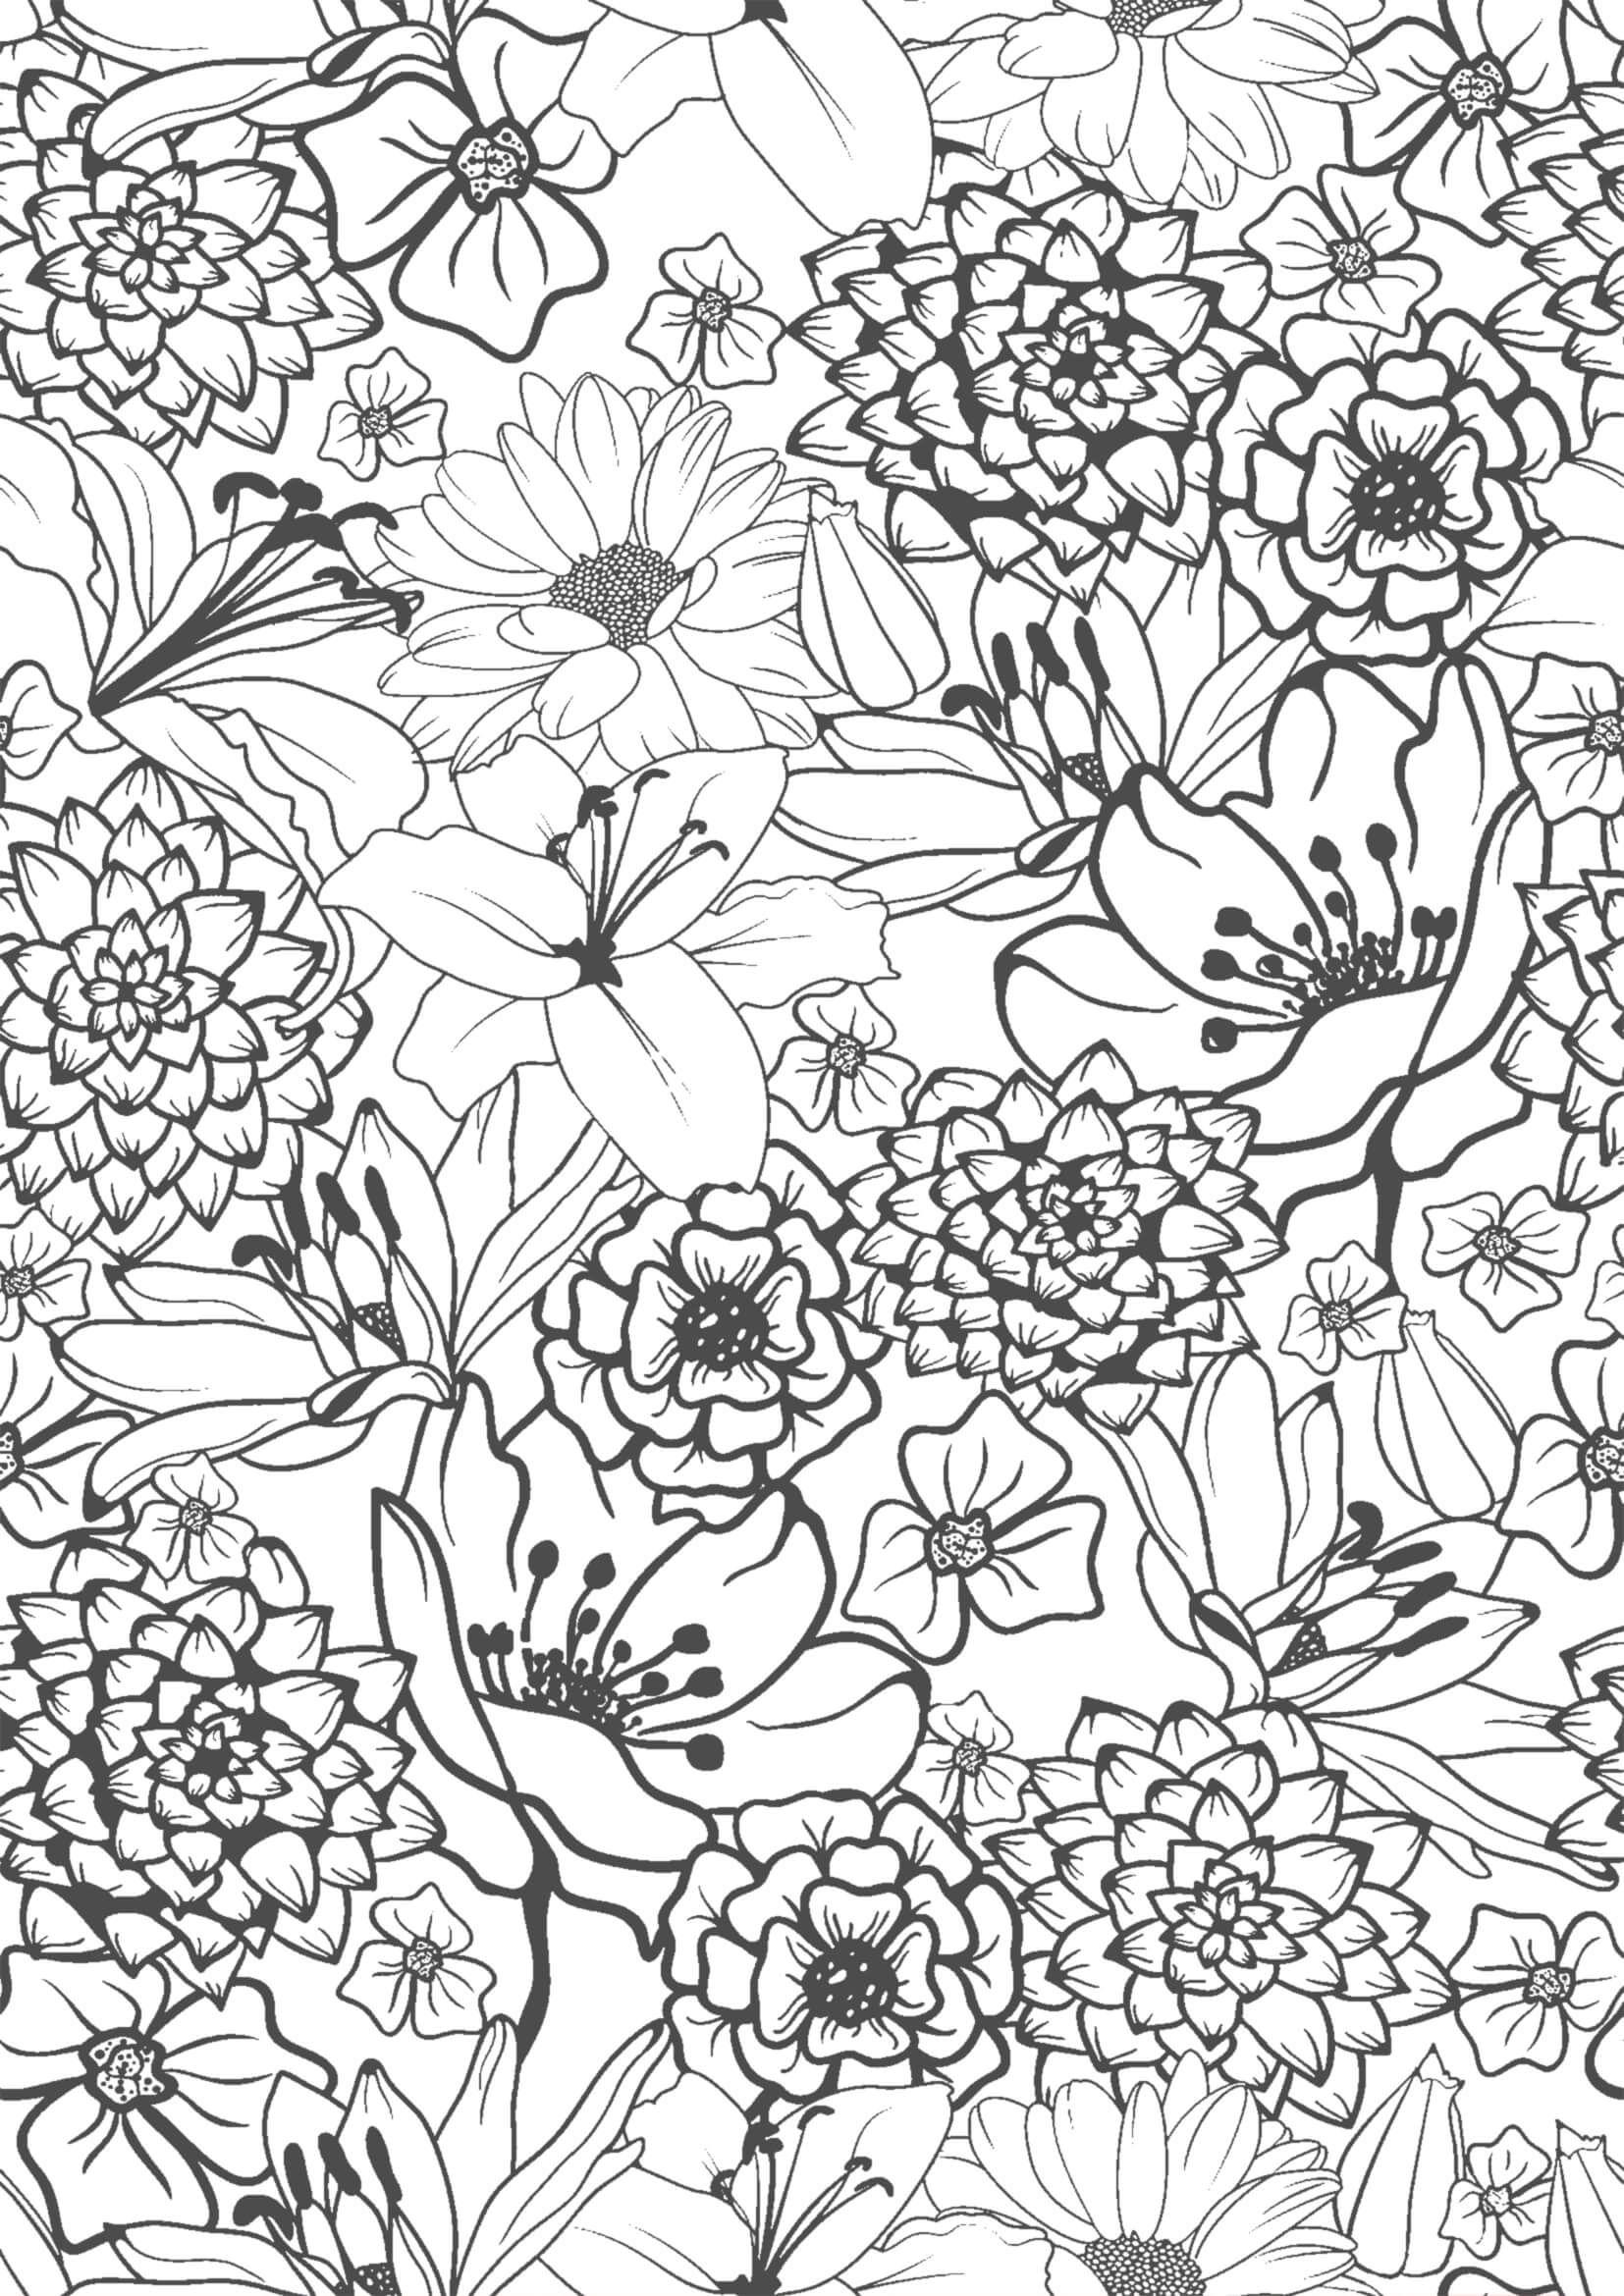 花06 A4無料印刷の大人のぬりえ 塗り絵 無料 花 ぬり絵 塗り絵